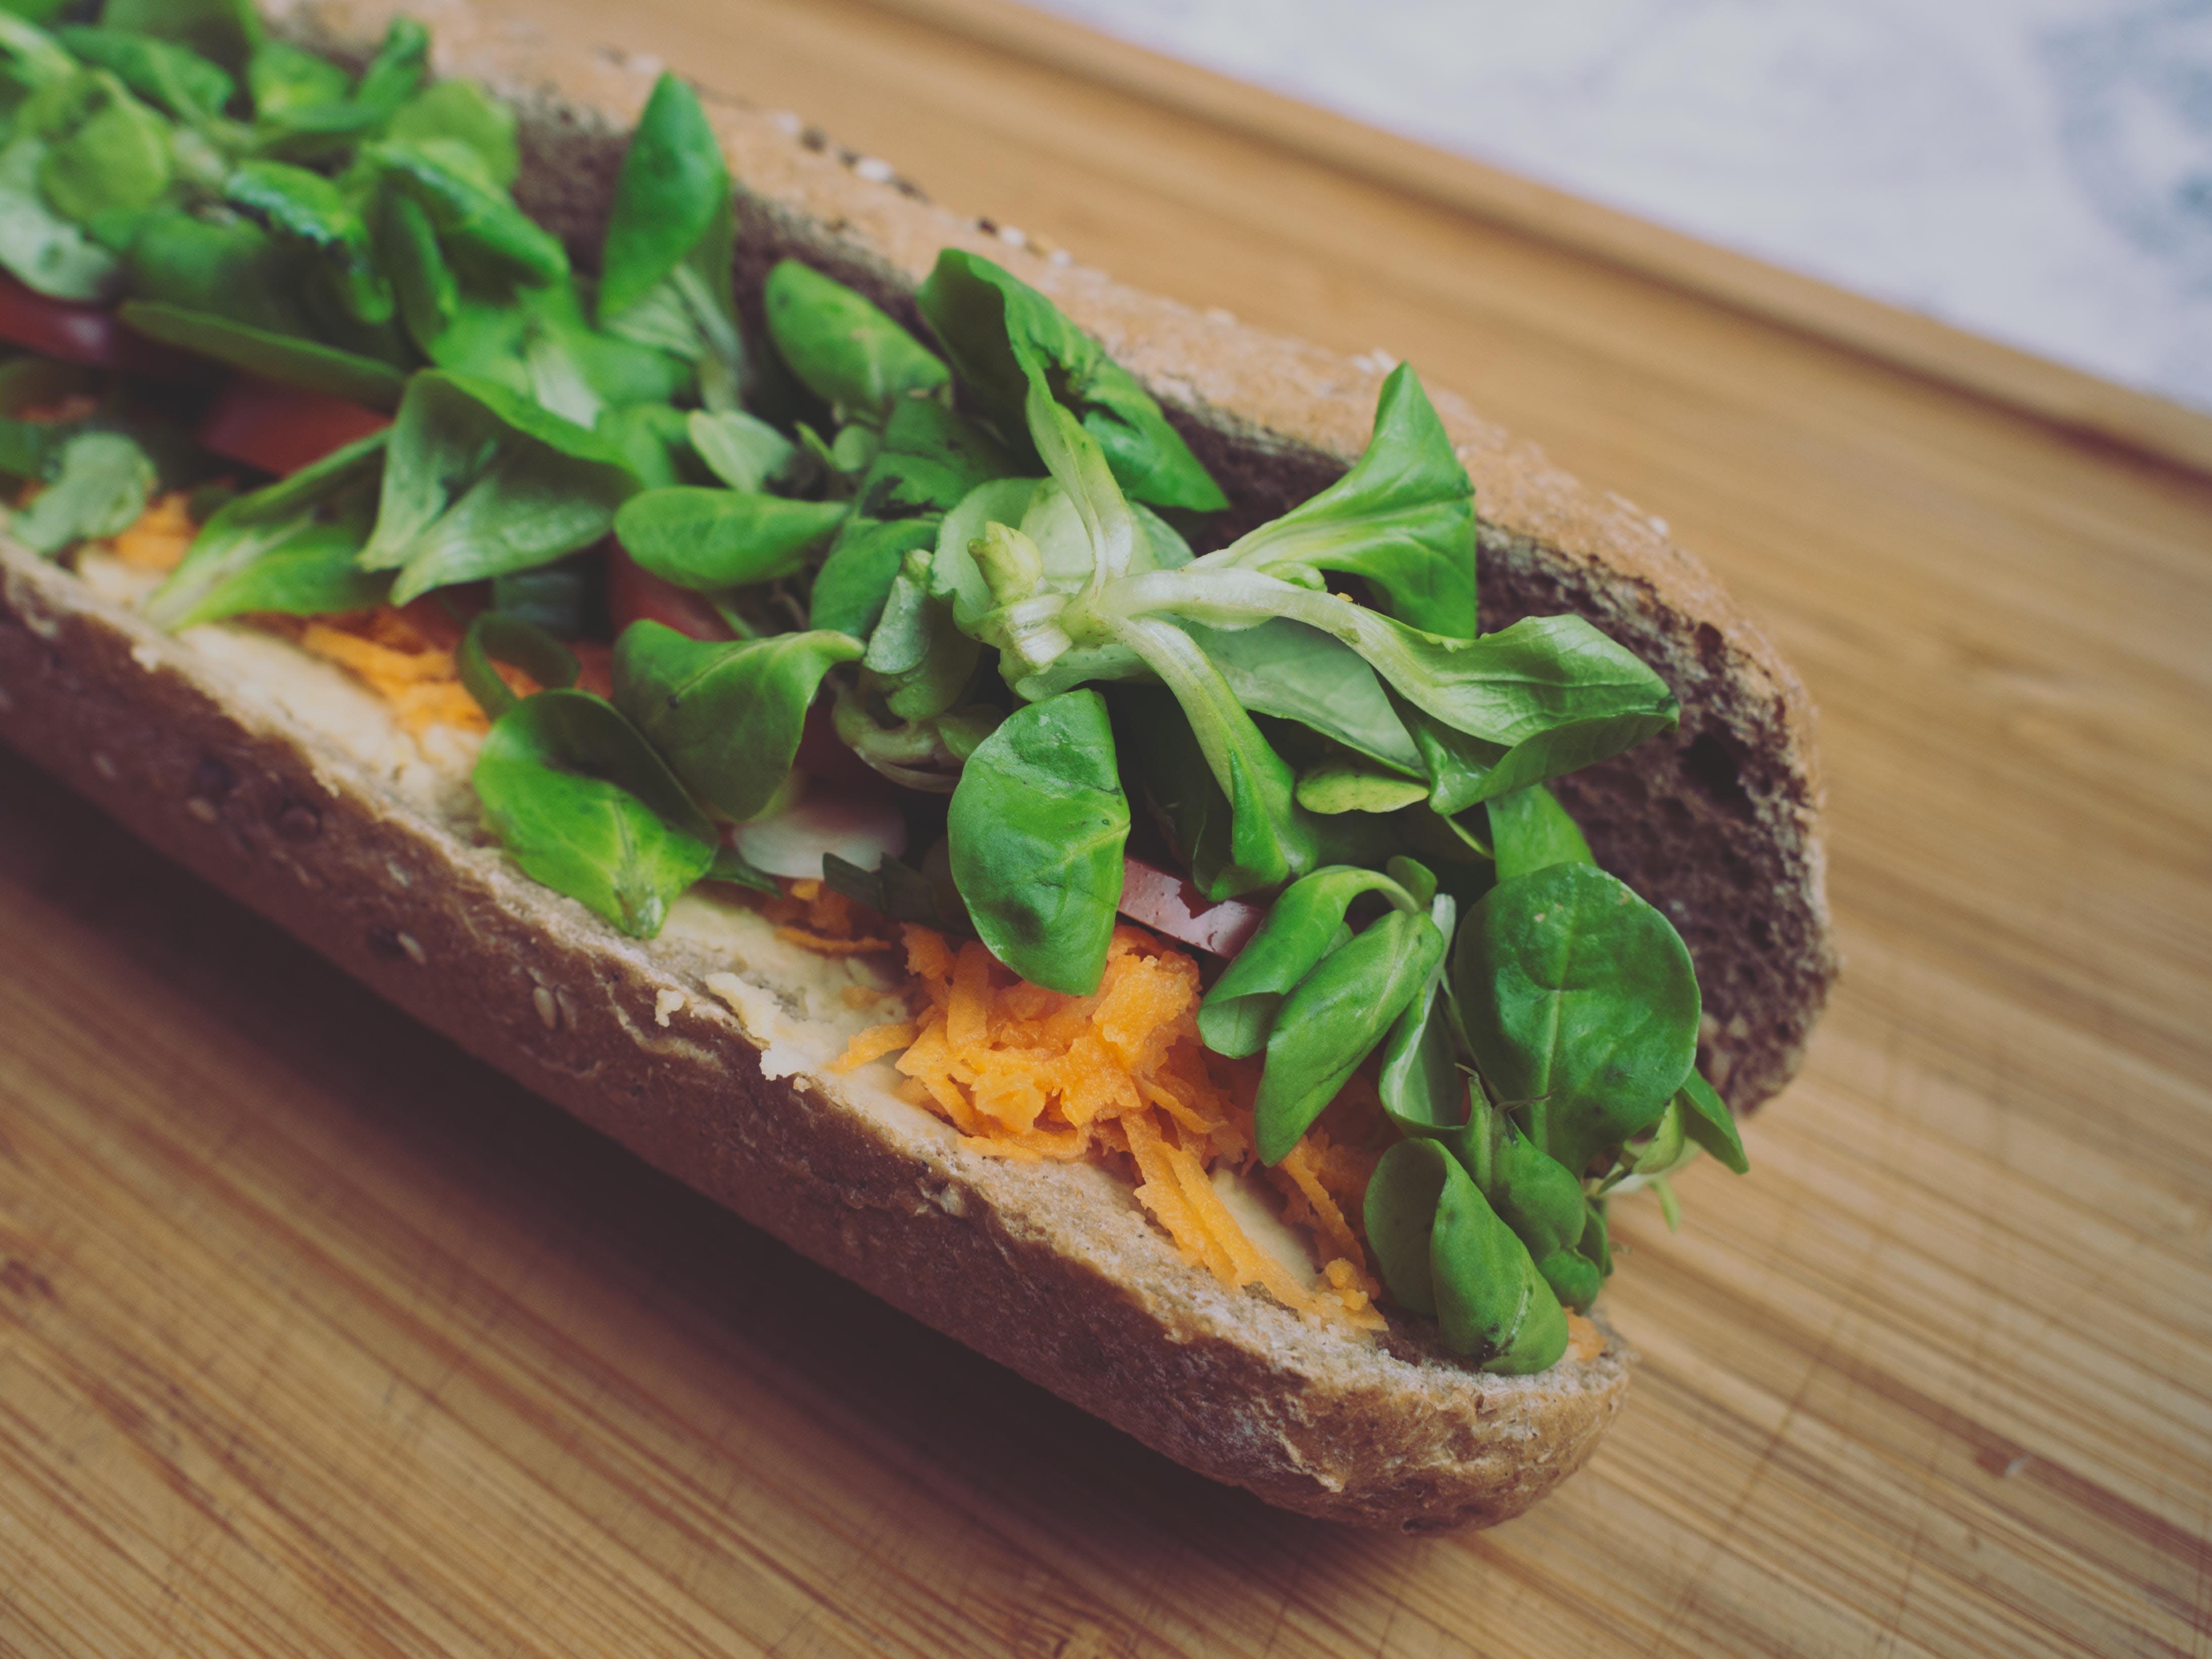 Foto d'estoc gratuïta de amanida, àpat, baguet, carn